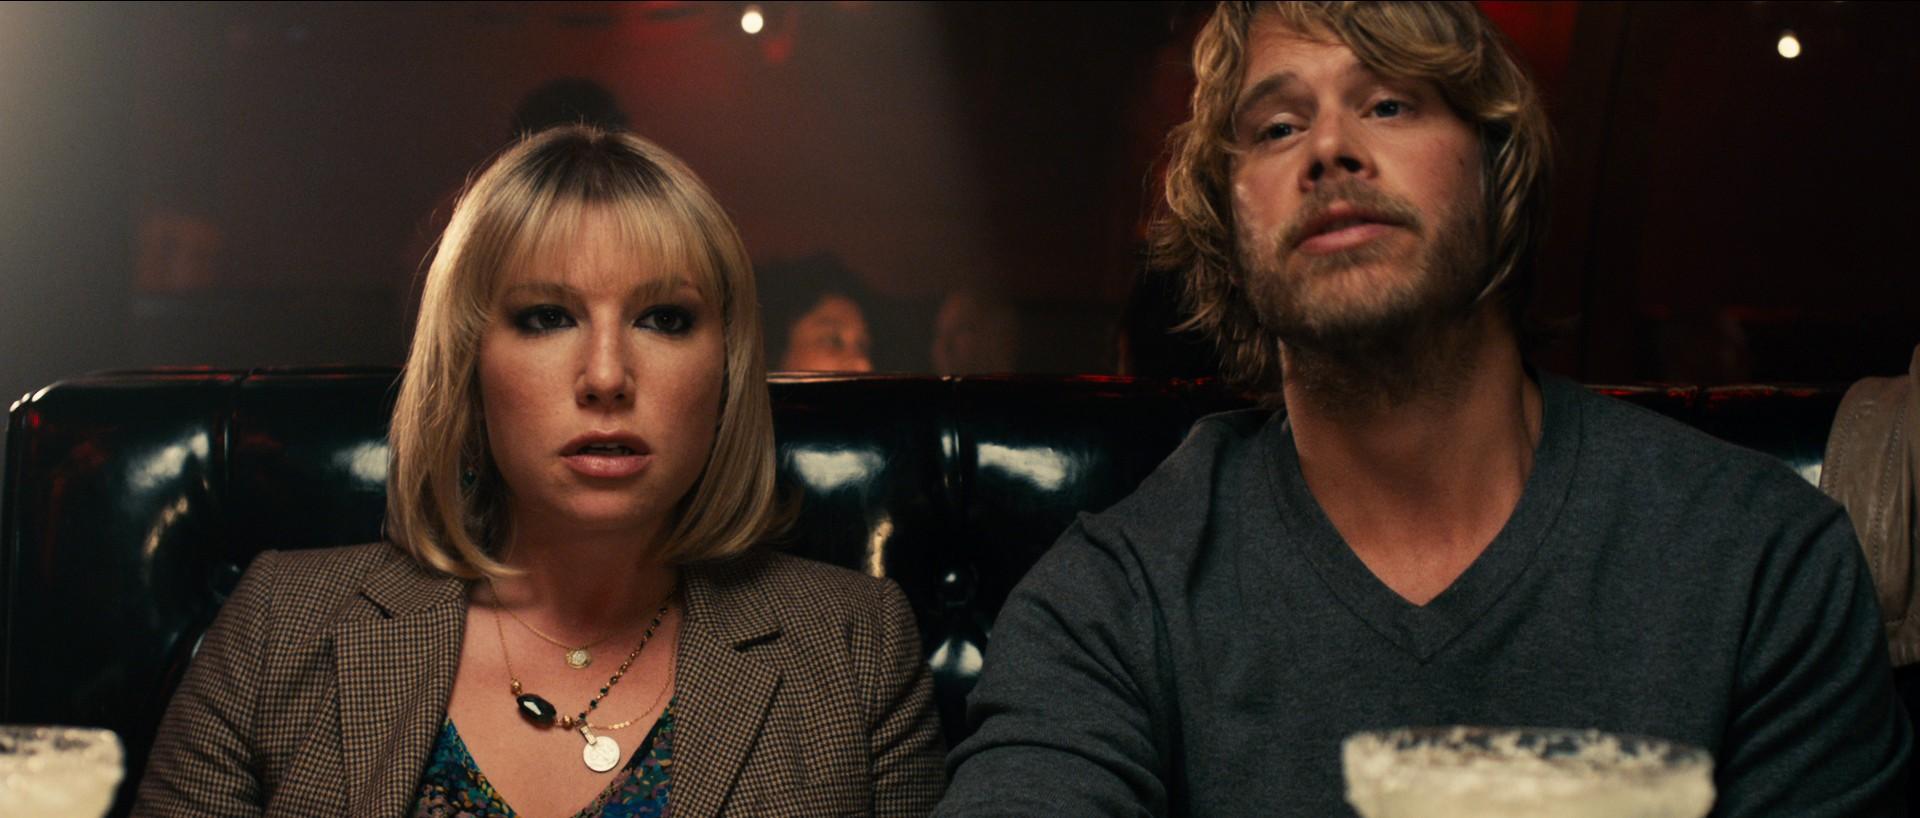 кадры из фильма Селеста и Джесси навеки Ари Грейнор, Эрик Кристиан Ольсен,